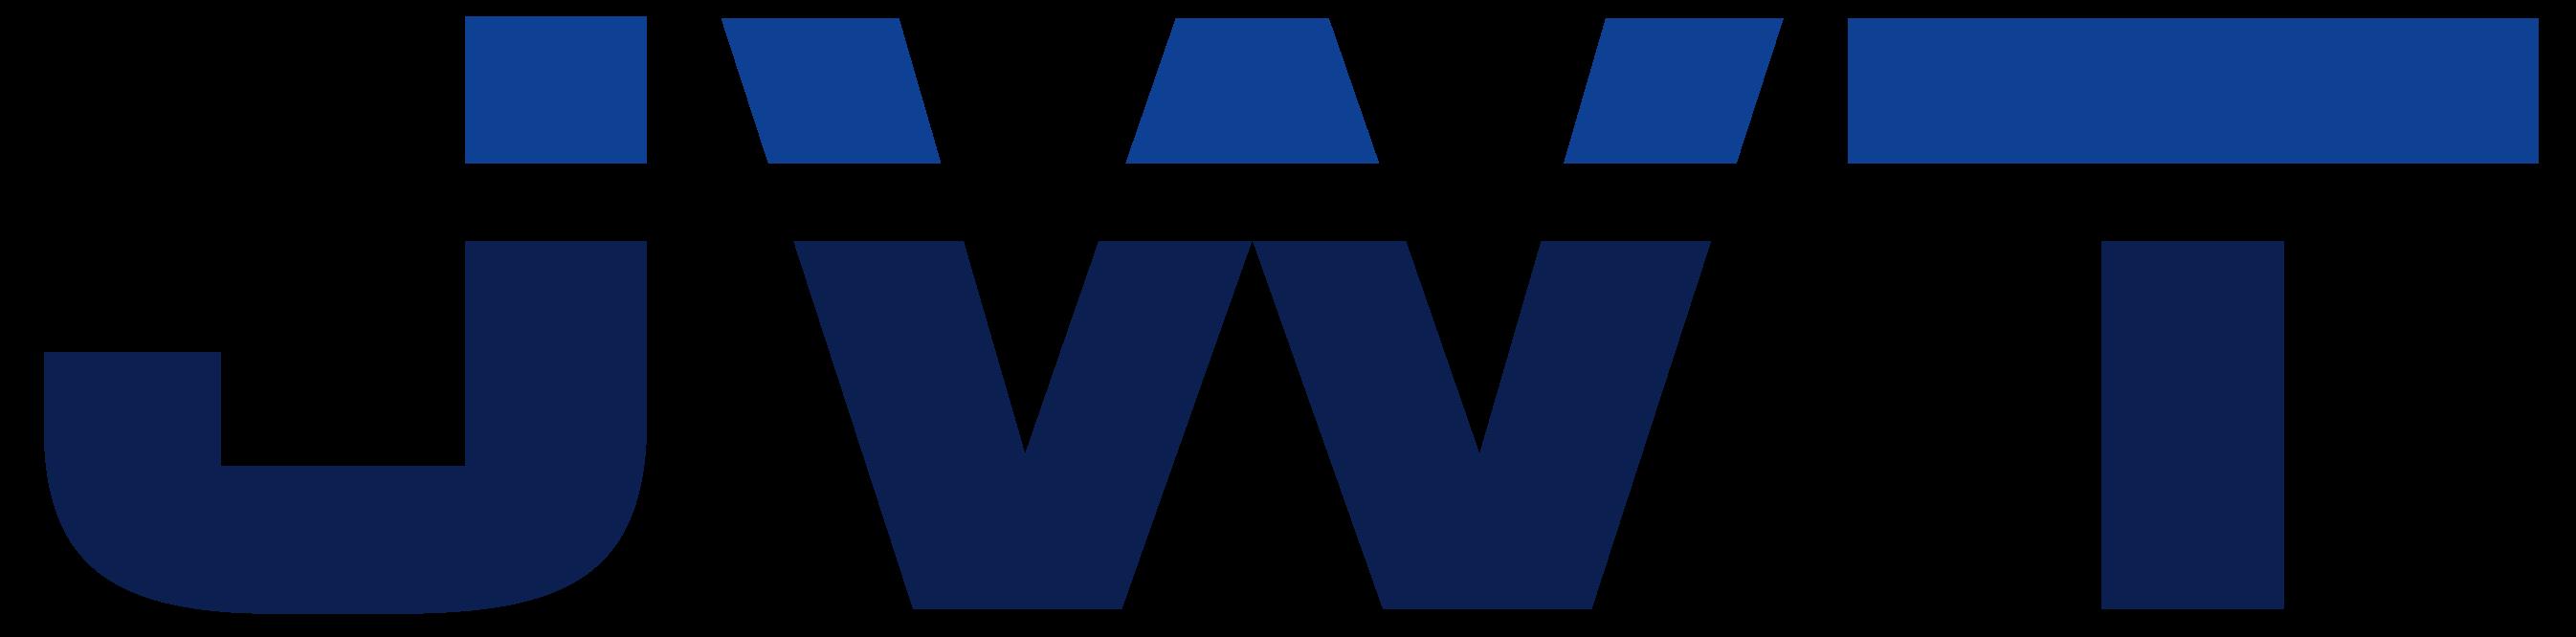 Jungenthal Wehrtechnik GmbH Logo